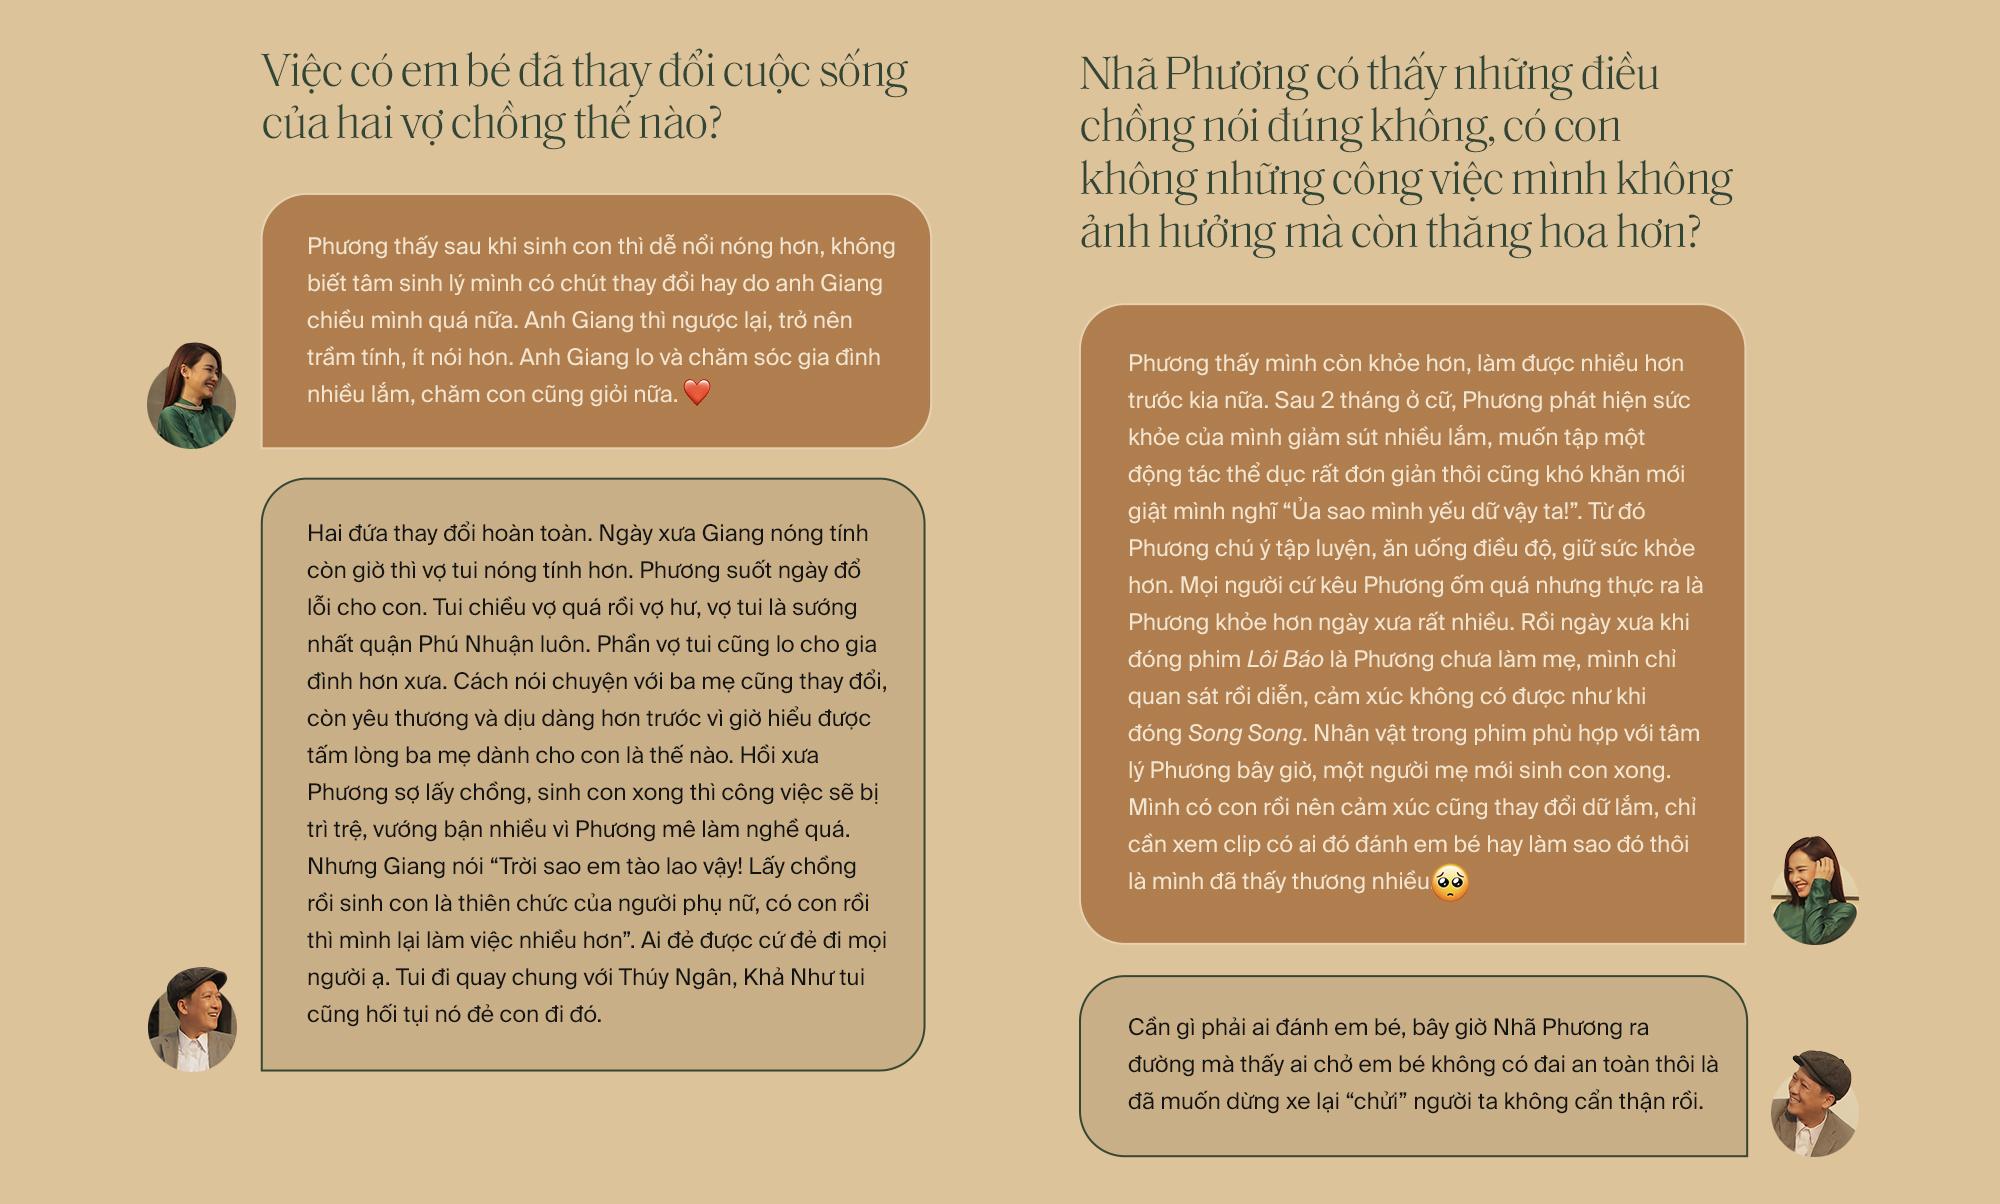 """Lần đầu tiên kể từ khi yêu nhau, Trường Giang - Nhã Phương cùng trả lời phỏng vấn: """"Vợ tui sướng nhất quận Phú Nhuận luôn"""" - Ảnh 19."""